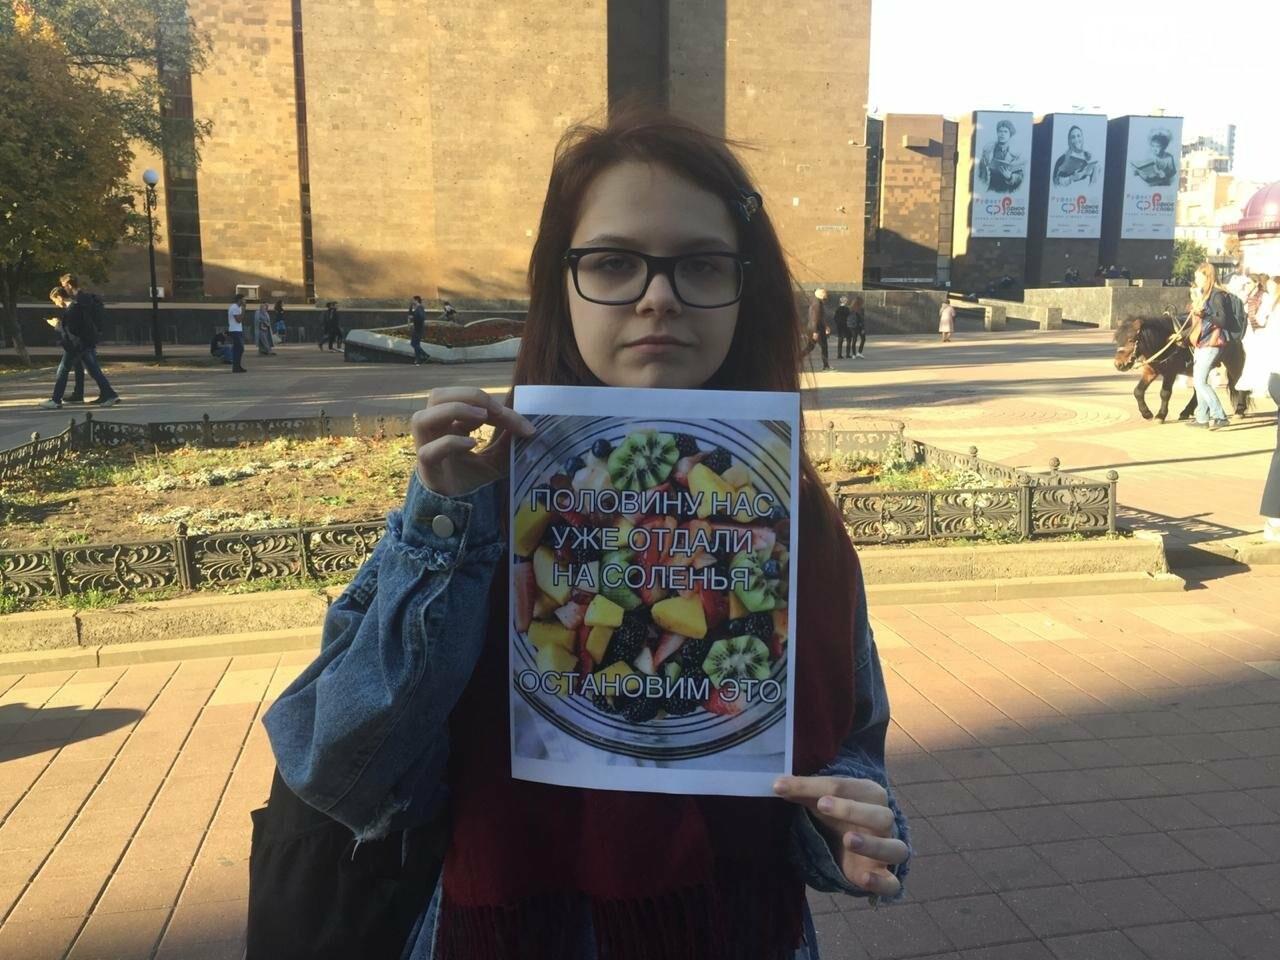 Ростовские студенты вышли на пикет в поддержку прав фруктового салата, фото-3